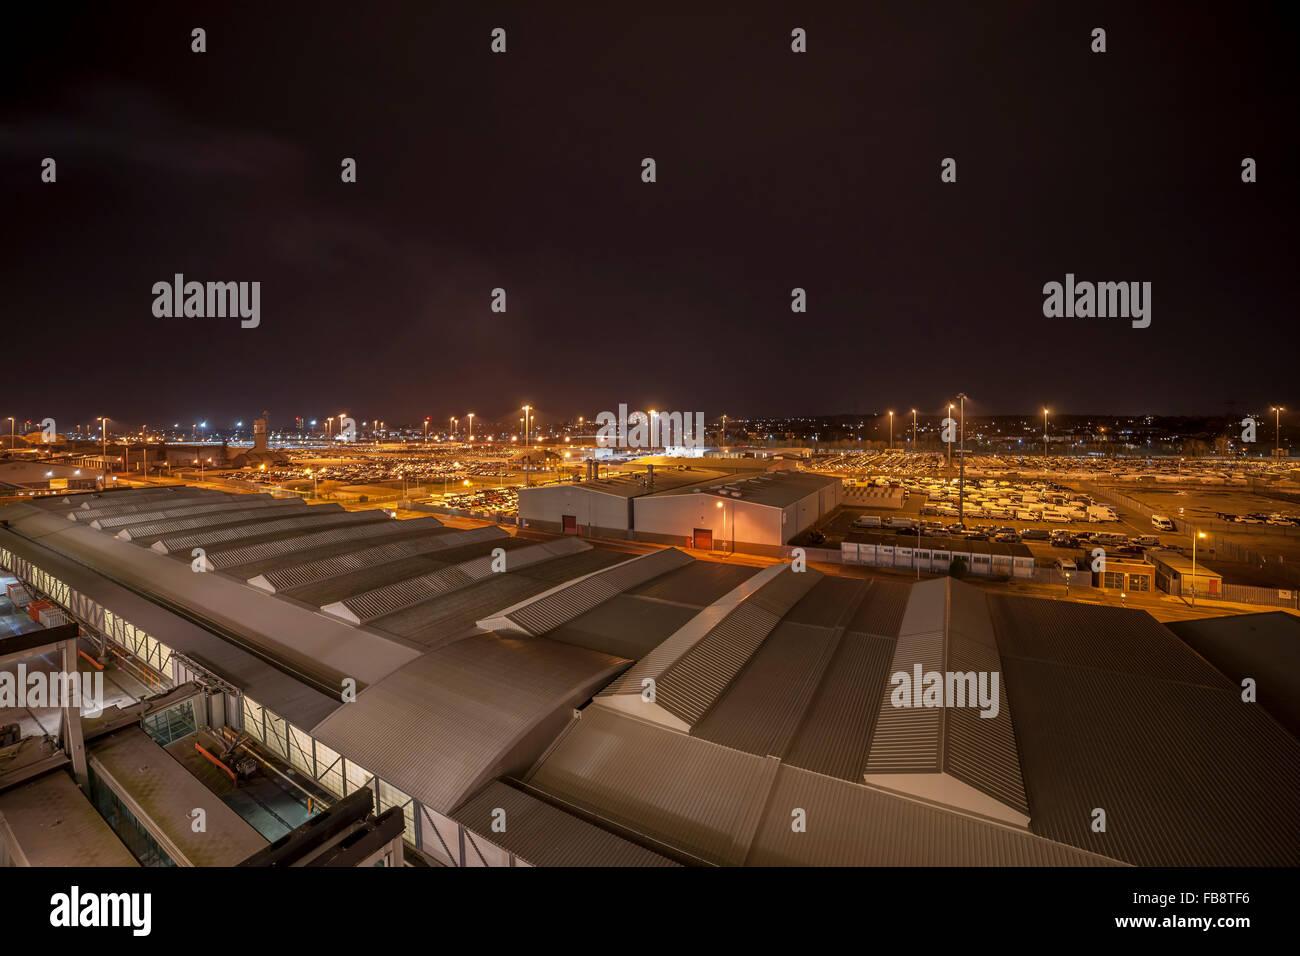 Southampton Docks in der Nähe von Mayflower Cruise Terminal Nachtzeit. Stockbild